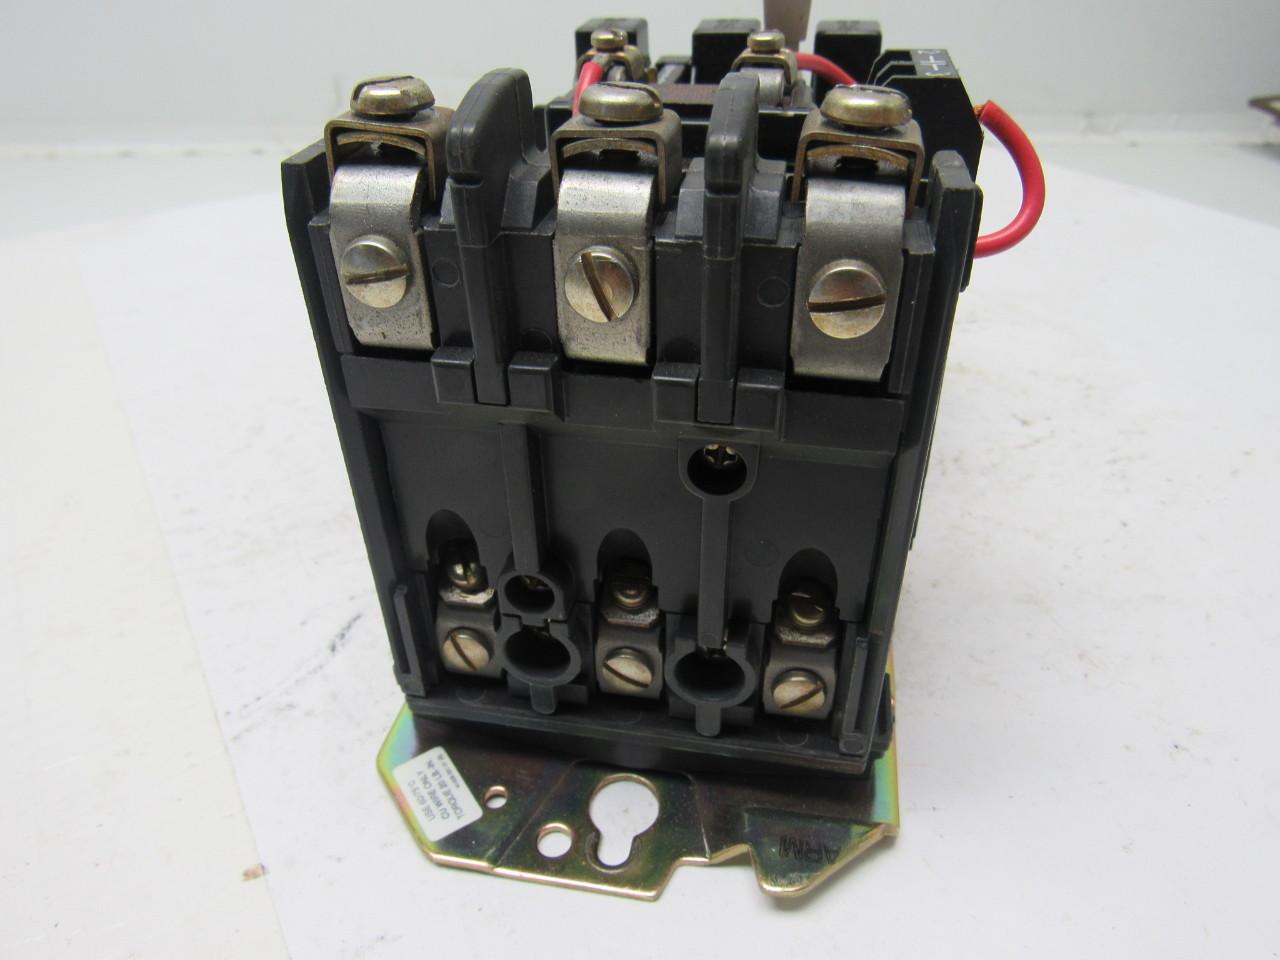 113885 allen bradley 509 a0d series b motor starter 115v coil nema size 0 lot of 2 8?resize=665%2C499 allen bradley 855t bcb wiring diagram wiring diagram 855t bpm10 wiring diagram at gsmx.co